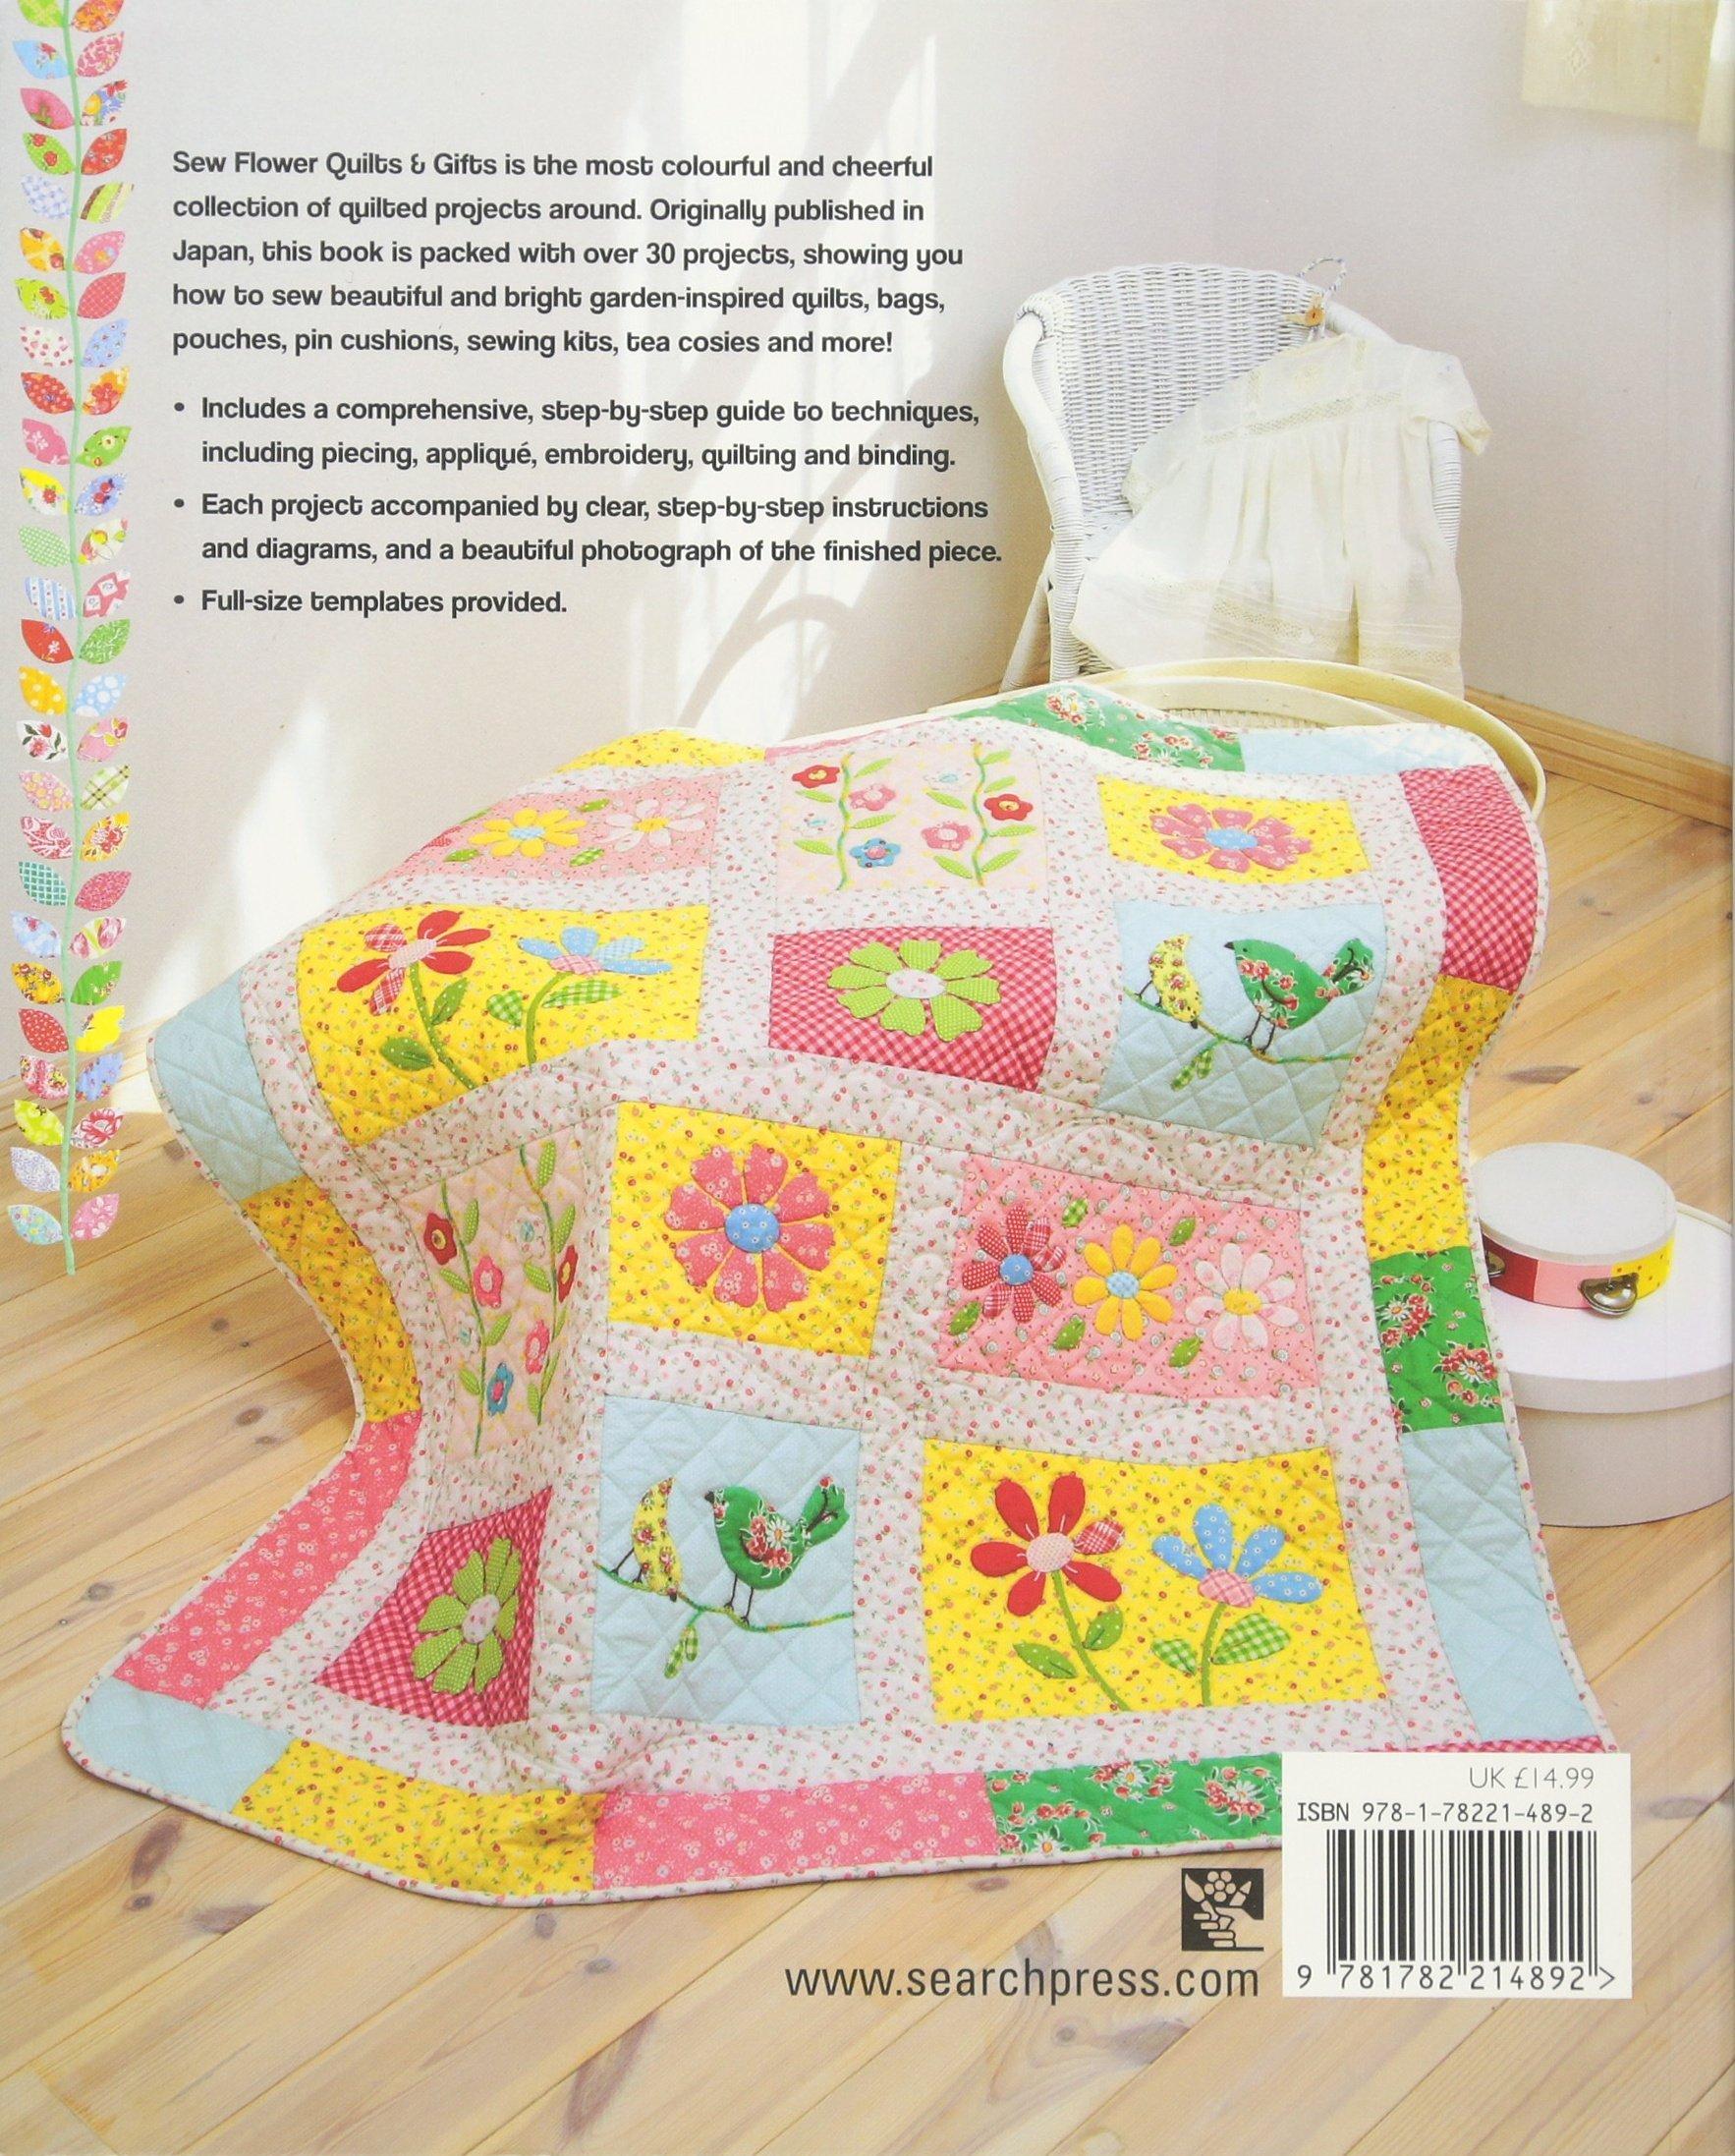 Sew Flower Quilts & Gifts: Amazon: Atsuko Matsuyama: 9781782214892:  Books